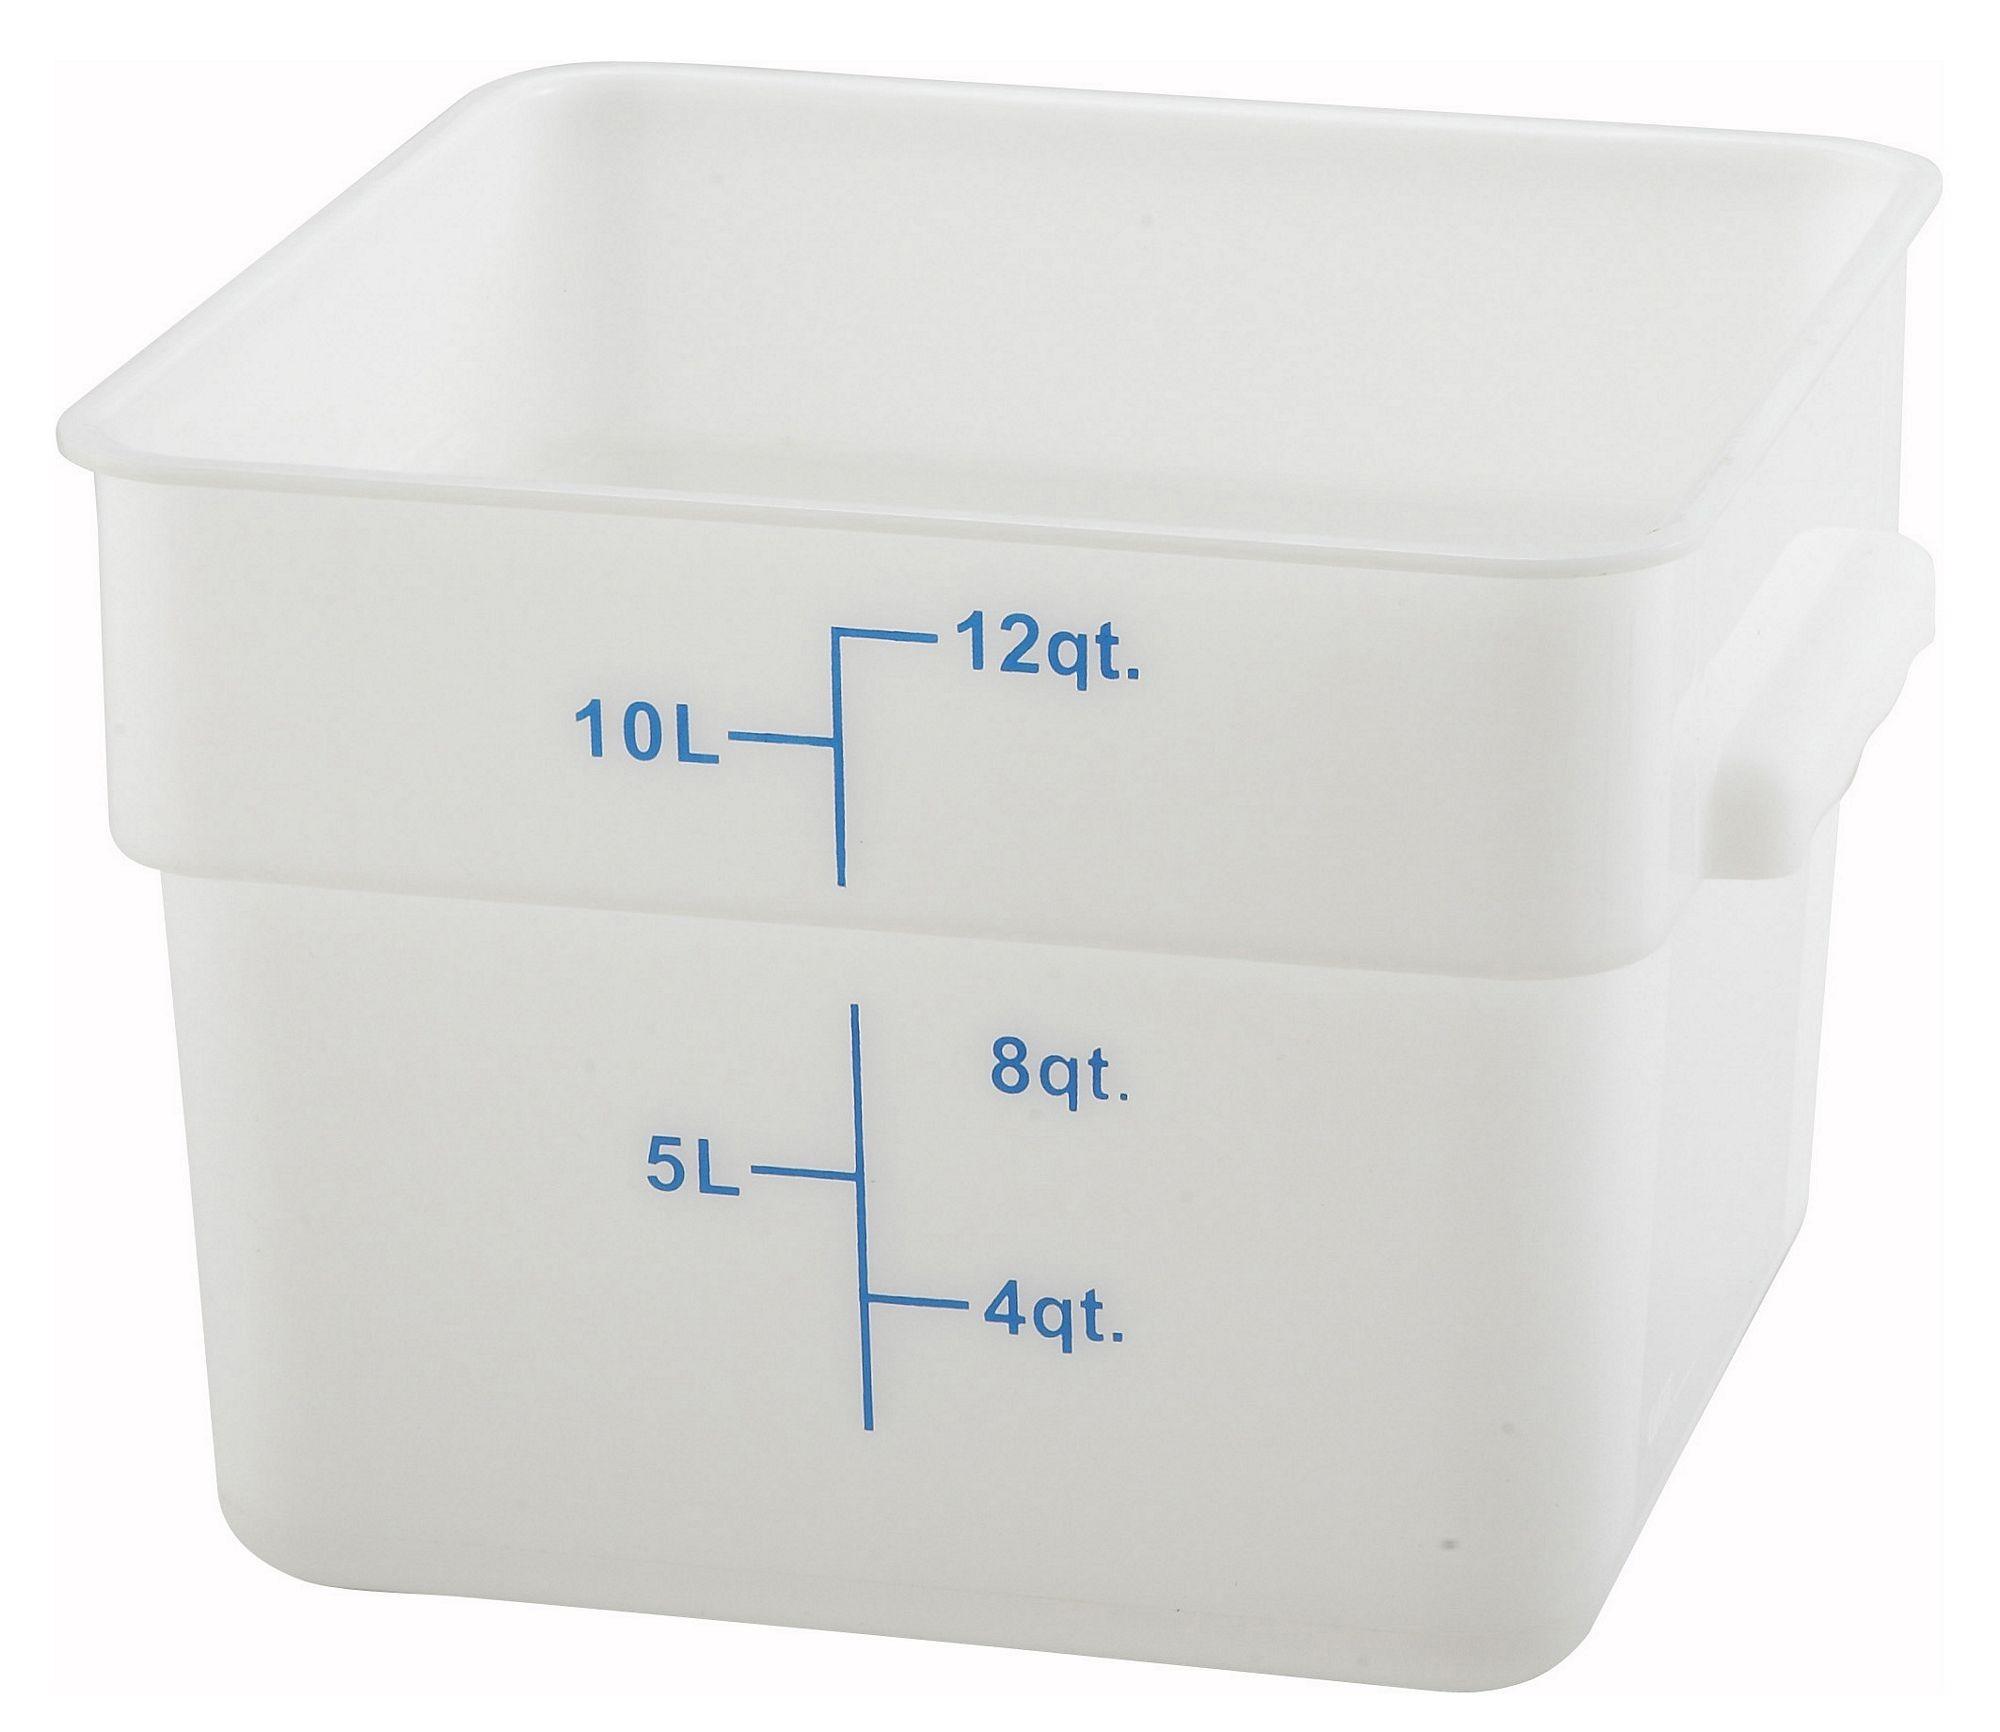 Winco PESC-12 White 12 Qt. Square Food Storage Container